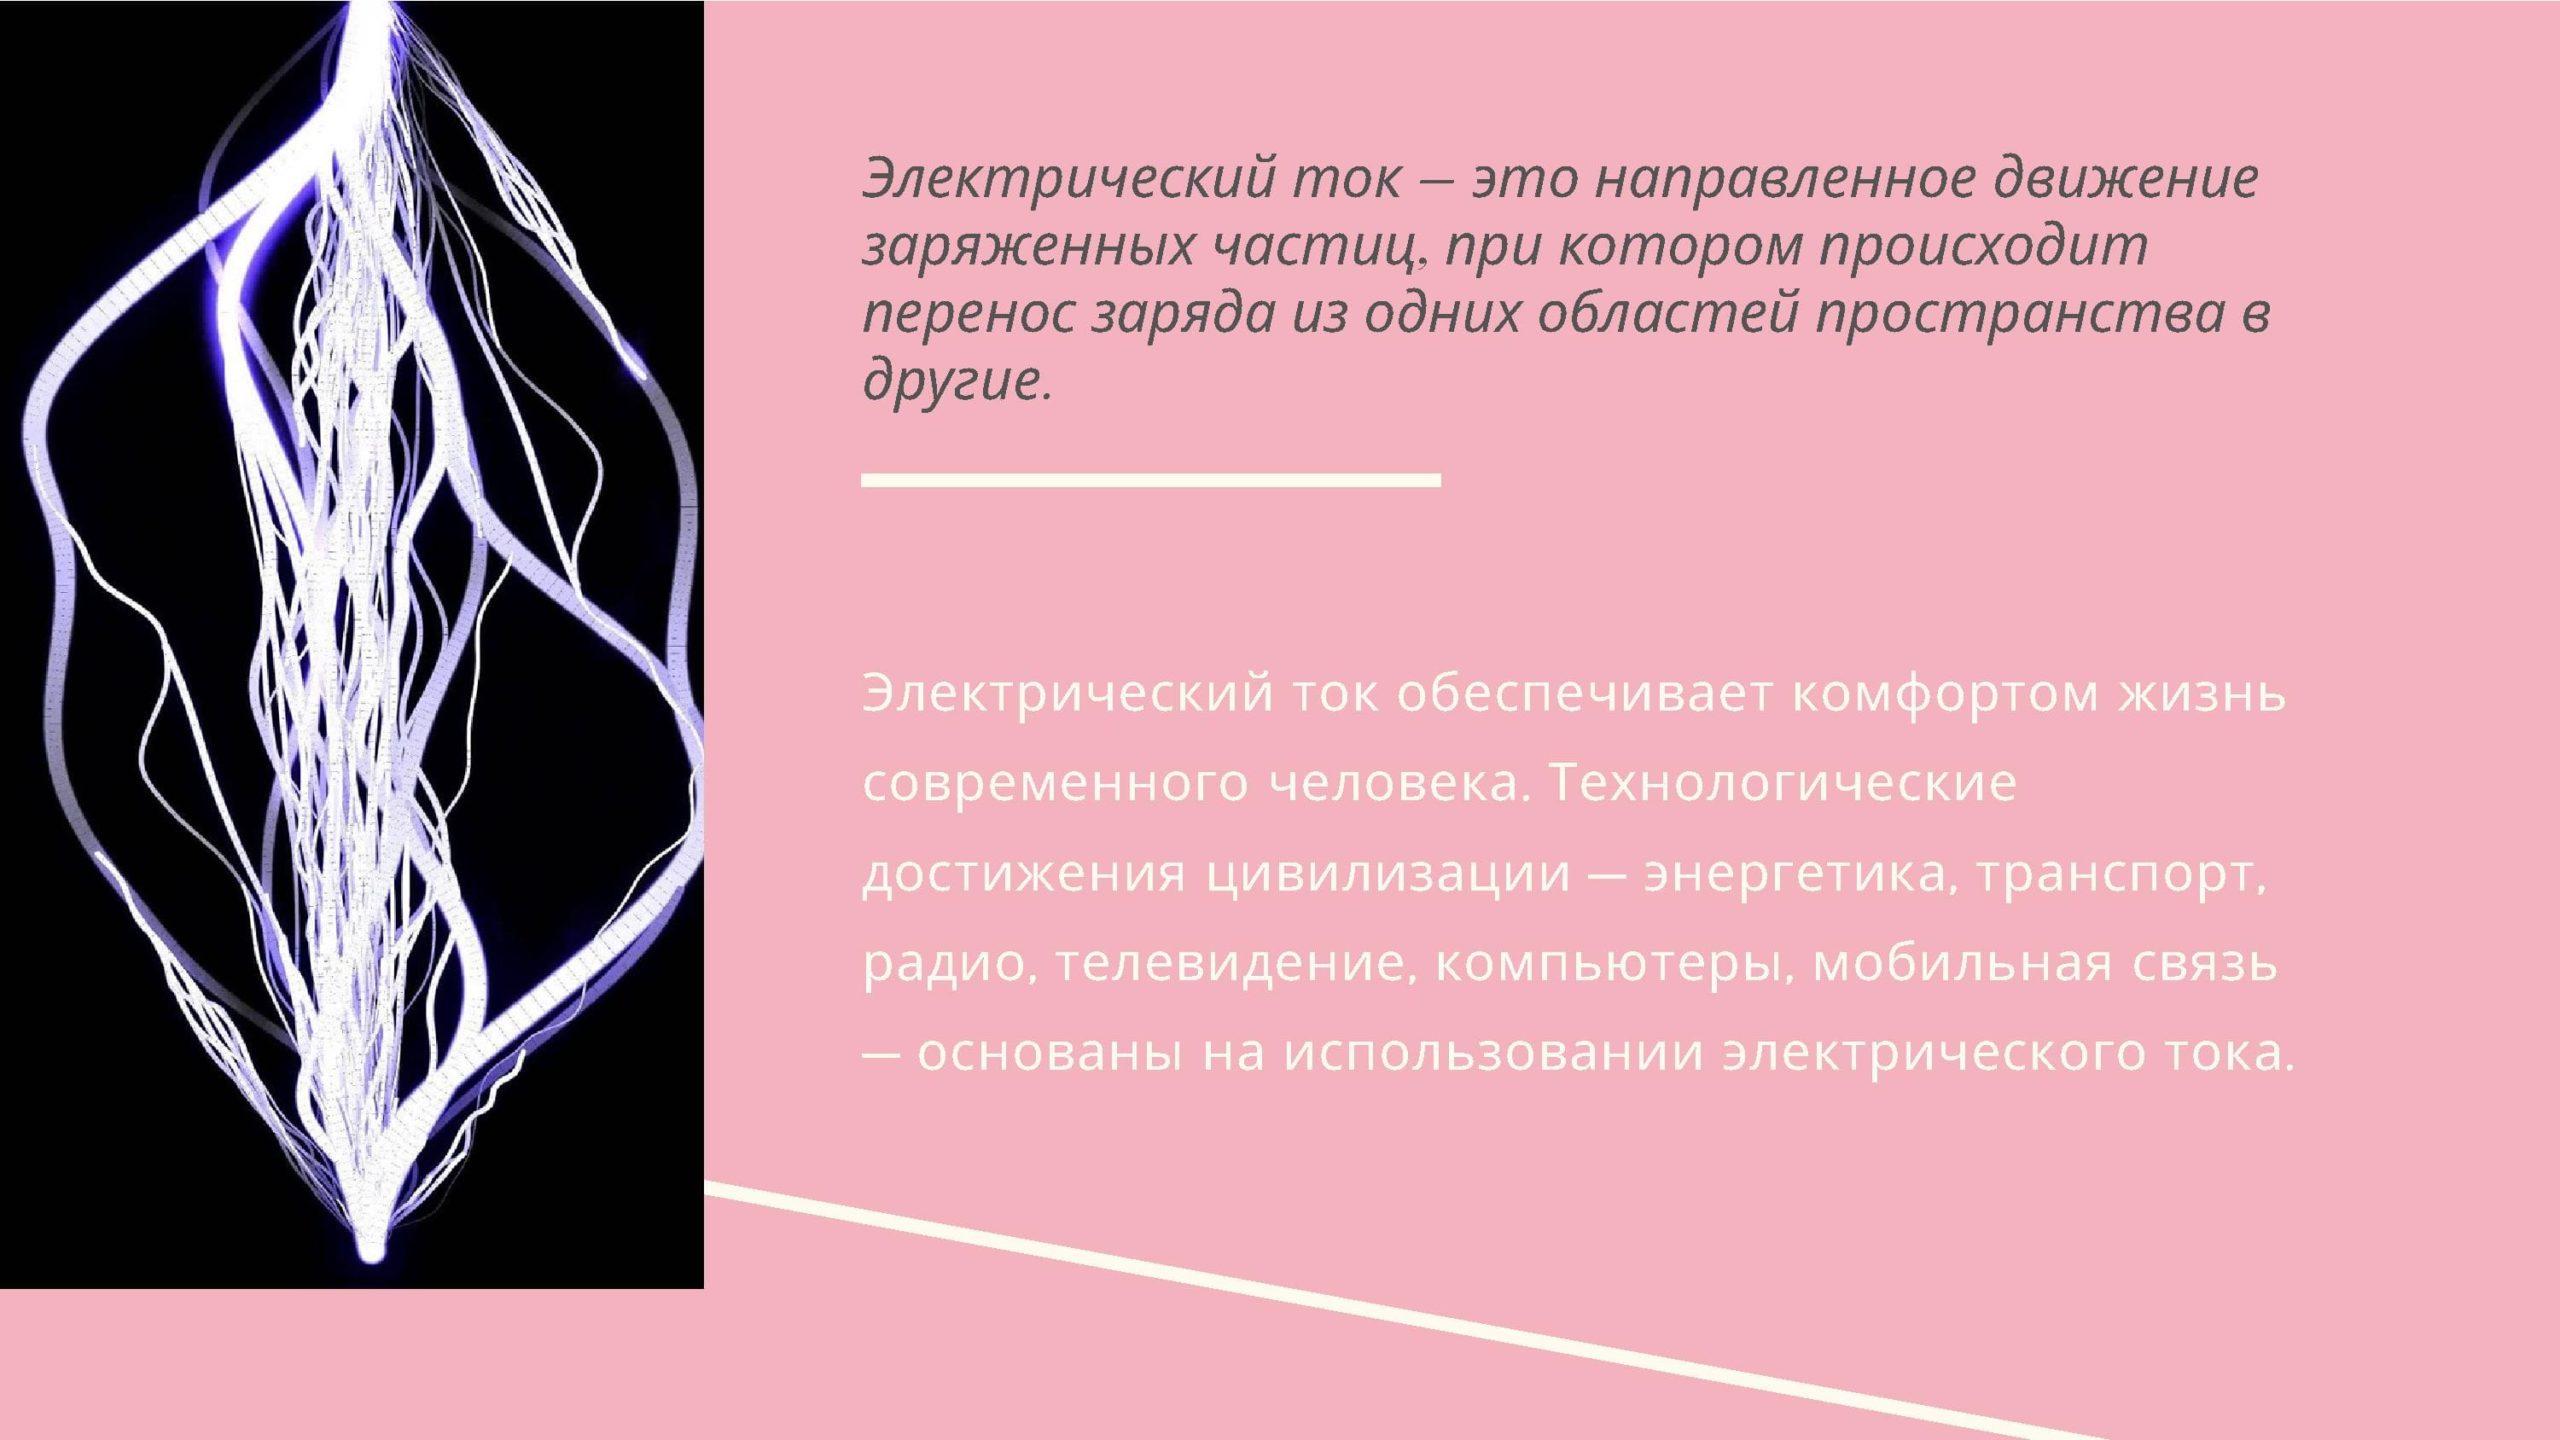 Электрический ток - это направленное движение заряженных частиц, при котором